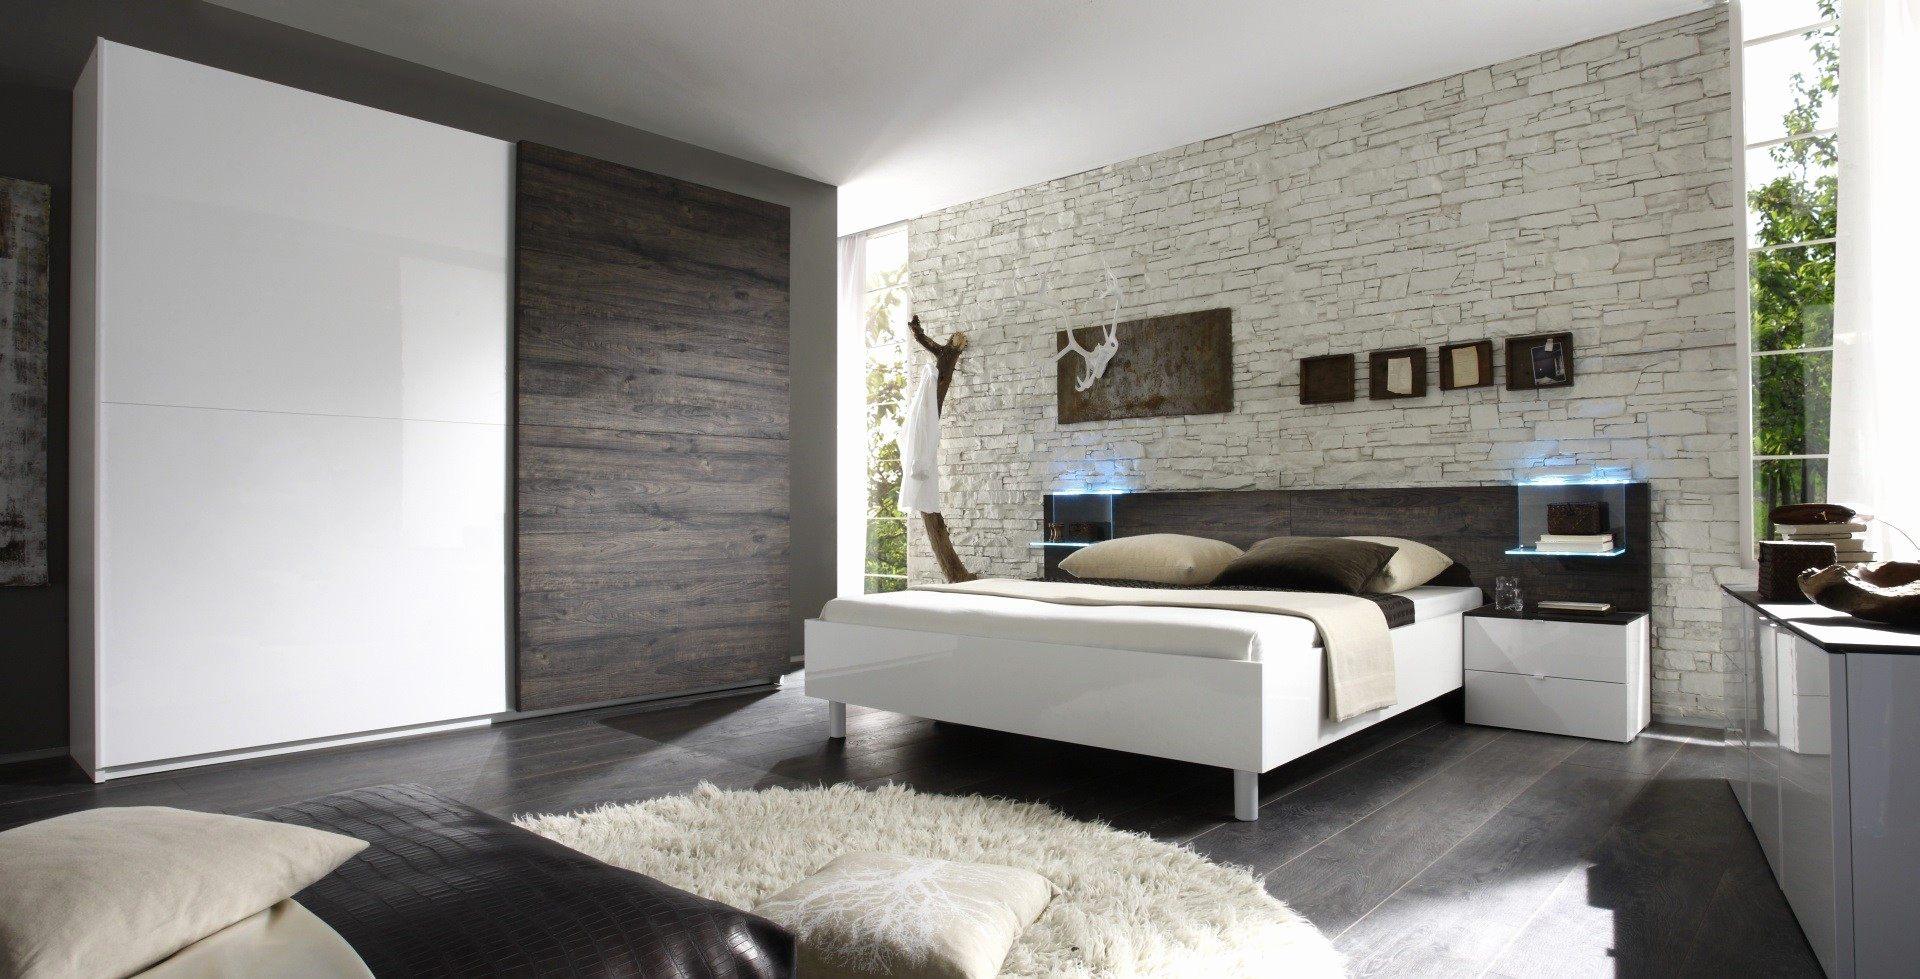 Tete De Lit Une Place Douce Tete De Lit Contemporaine Design Lit Moderne Design Inspirant Wilde